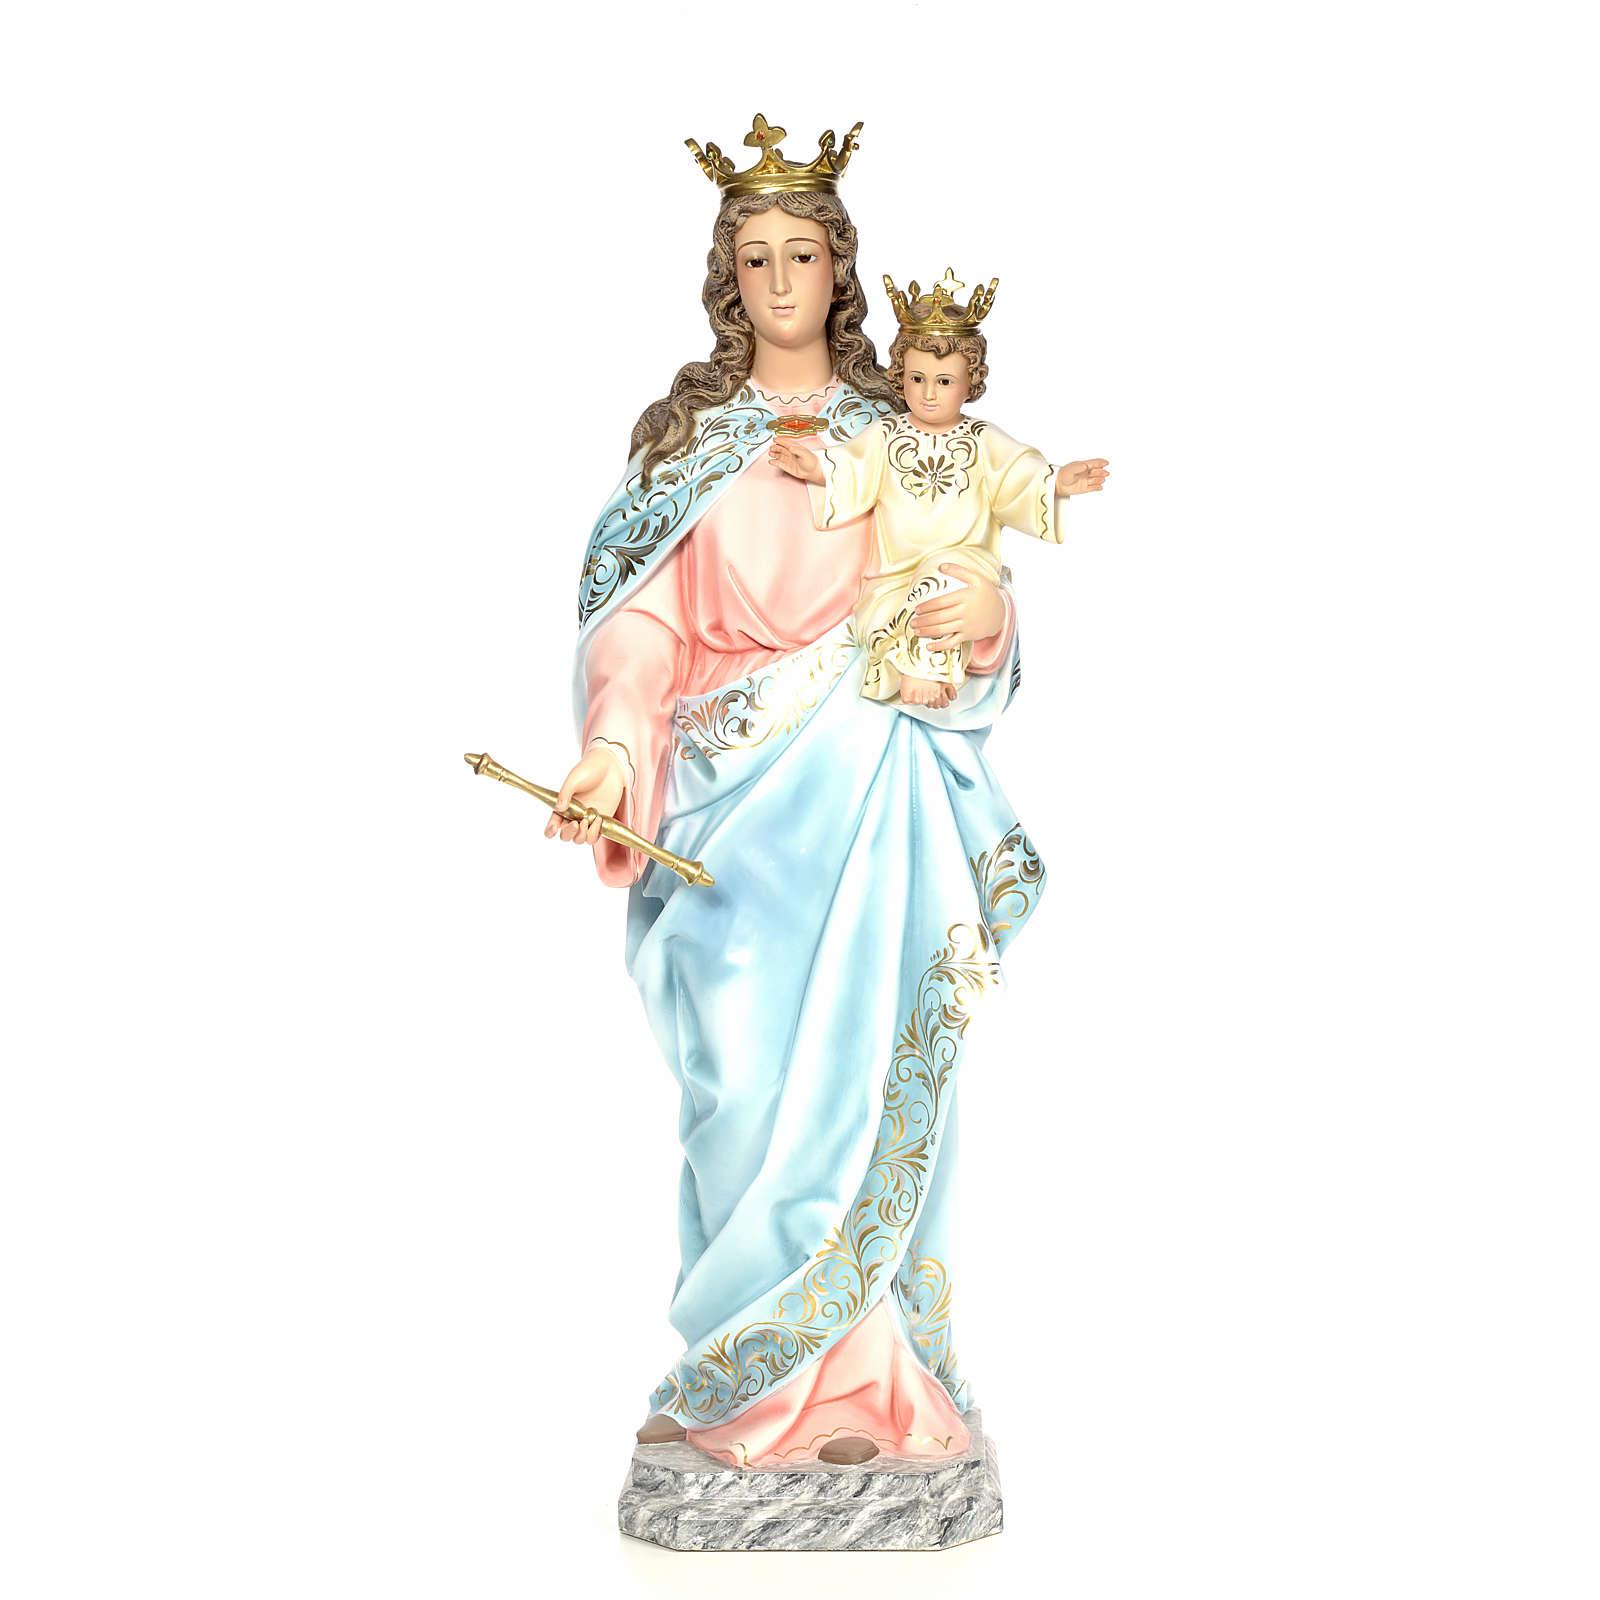 Matka Boża Wspomożycielka 120 cm ścier drzewny dek. elegancka 4